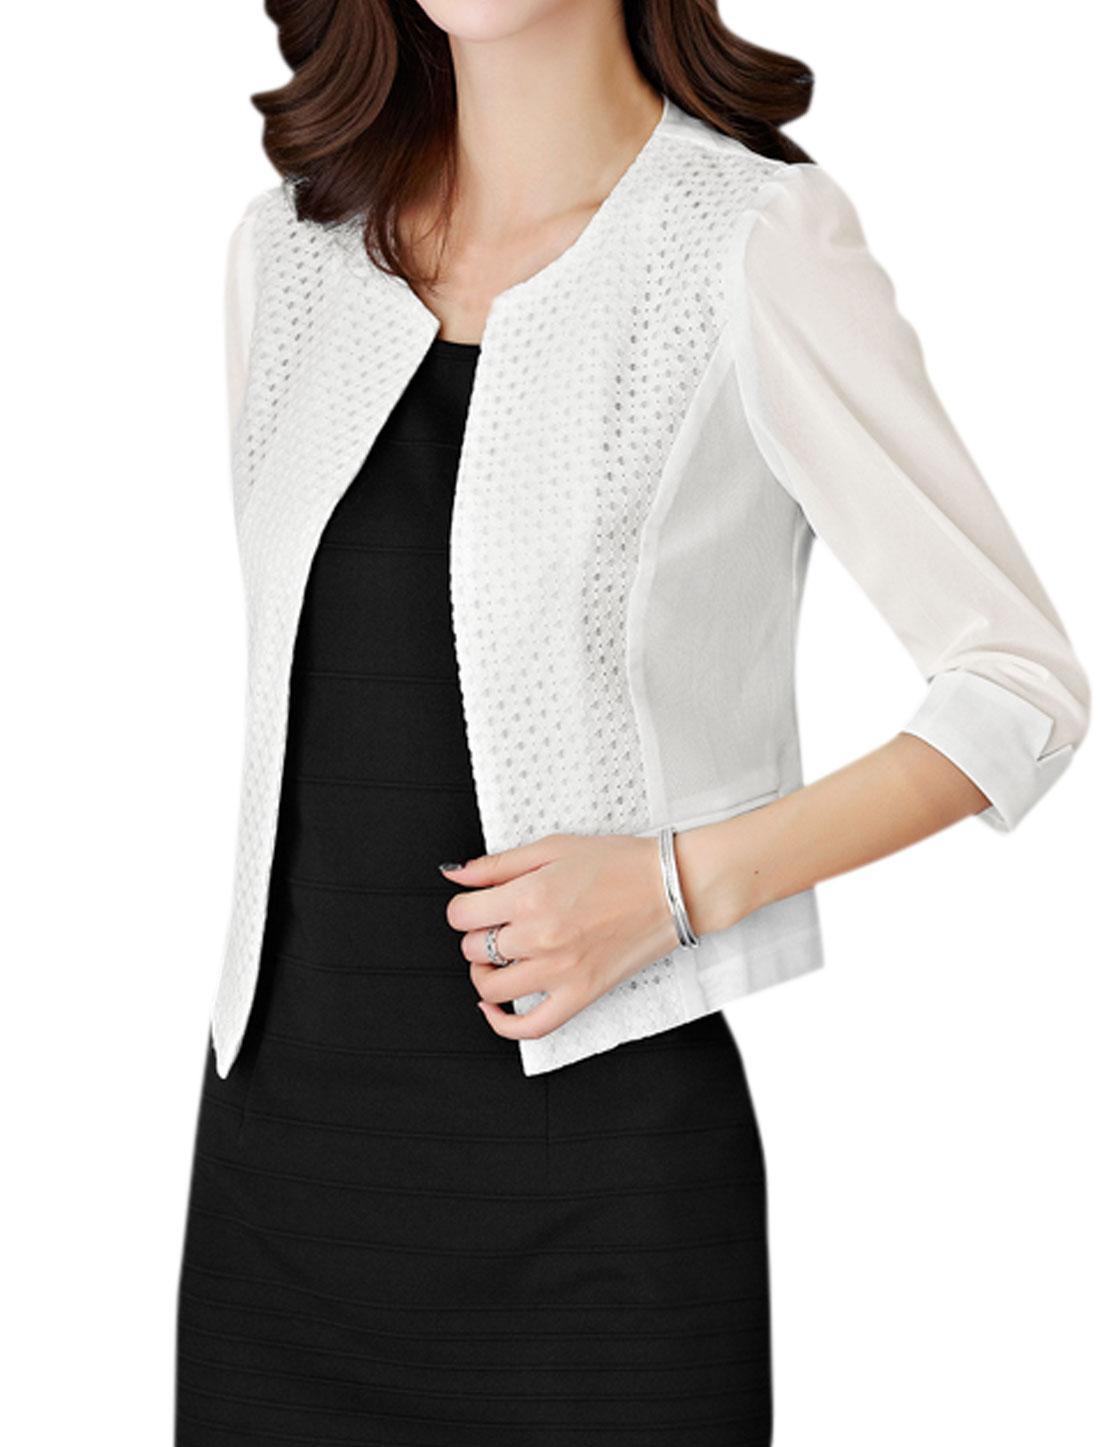 Women Paneled 3/4 Sleeve Front Opening Mesh Jacket White S